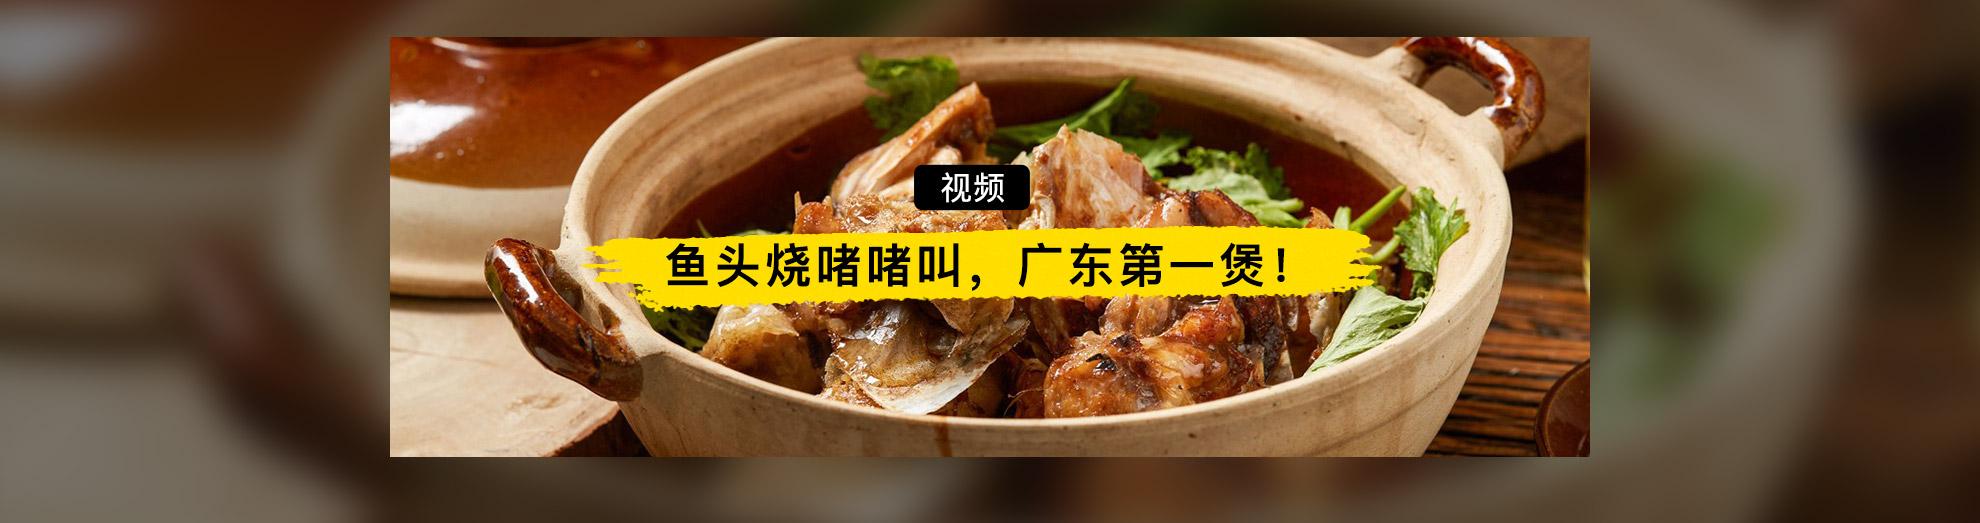 【生啫鱼头煲】鱼头烧的啫啫叫,广东第一煲!}